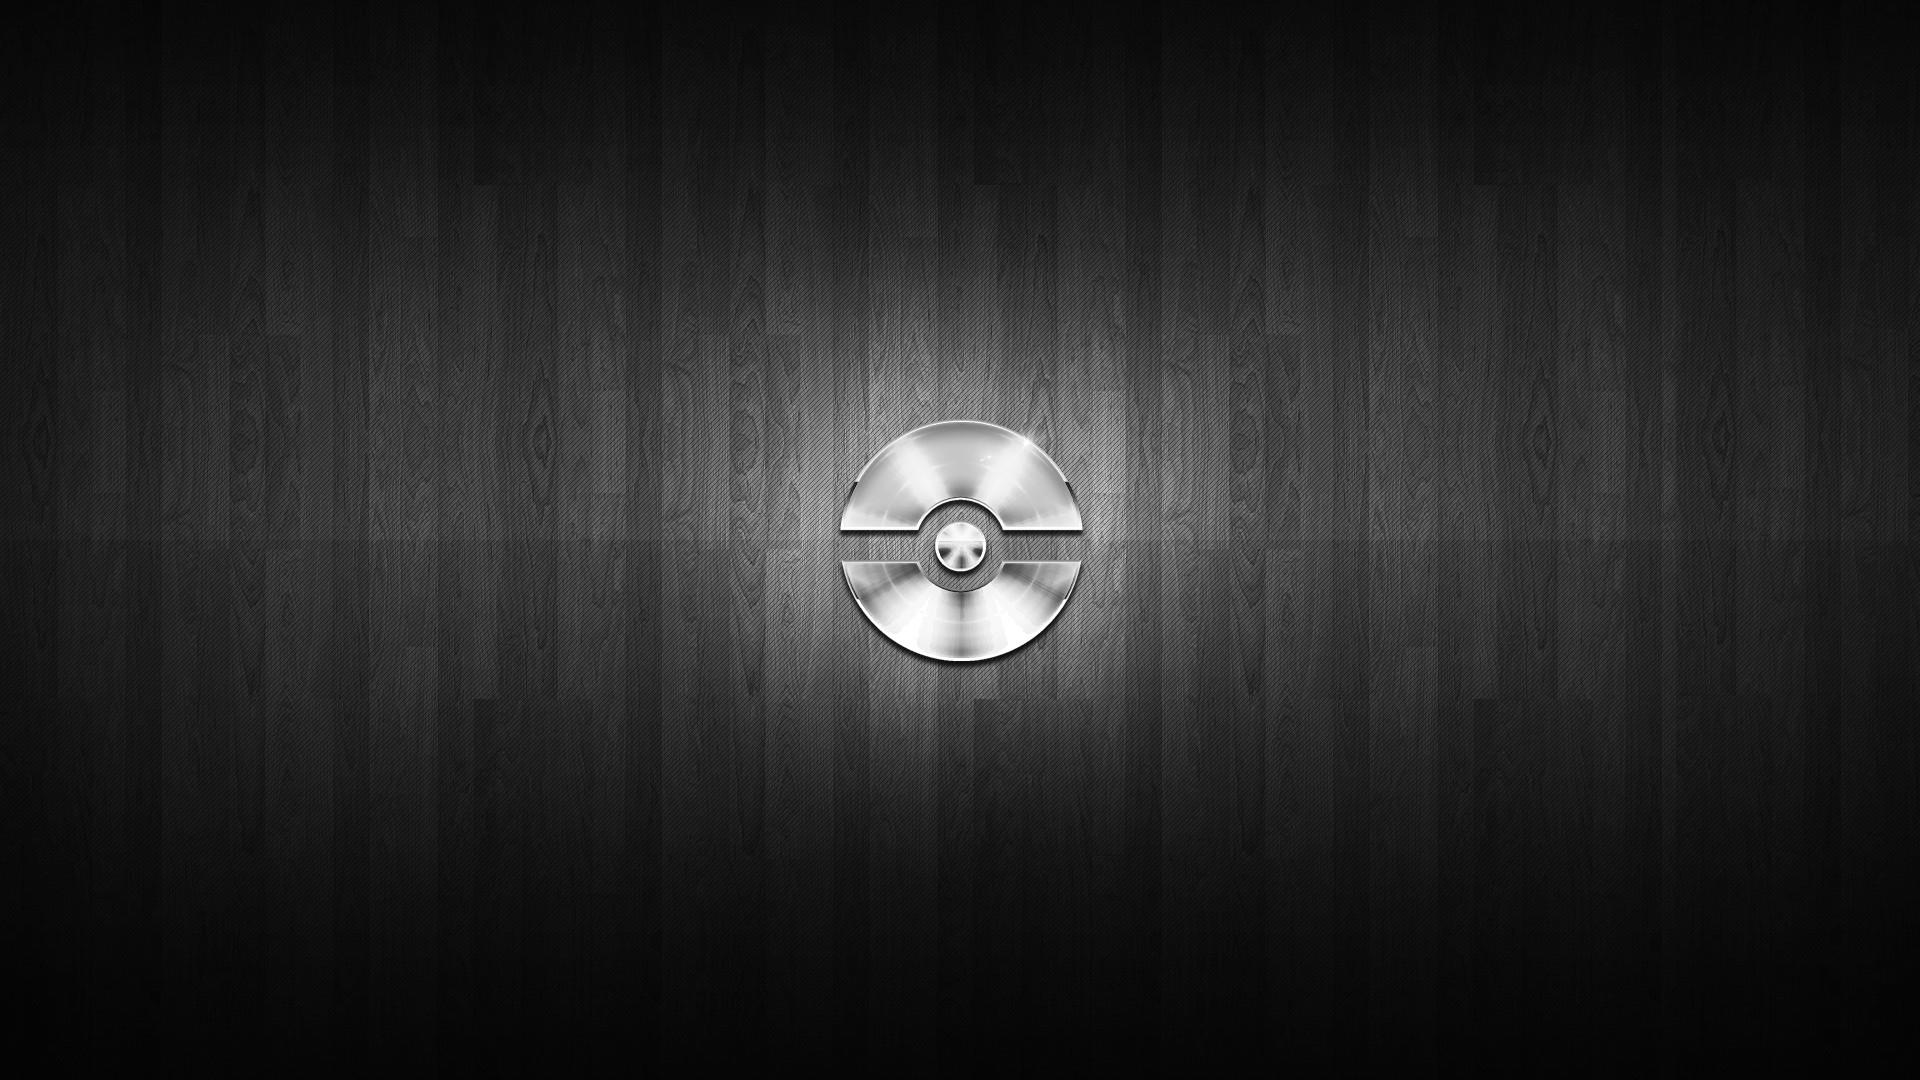 chrome pokeball wallpaper by aleksparx fan art wallpaper games 2013 .